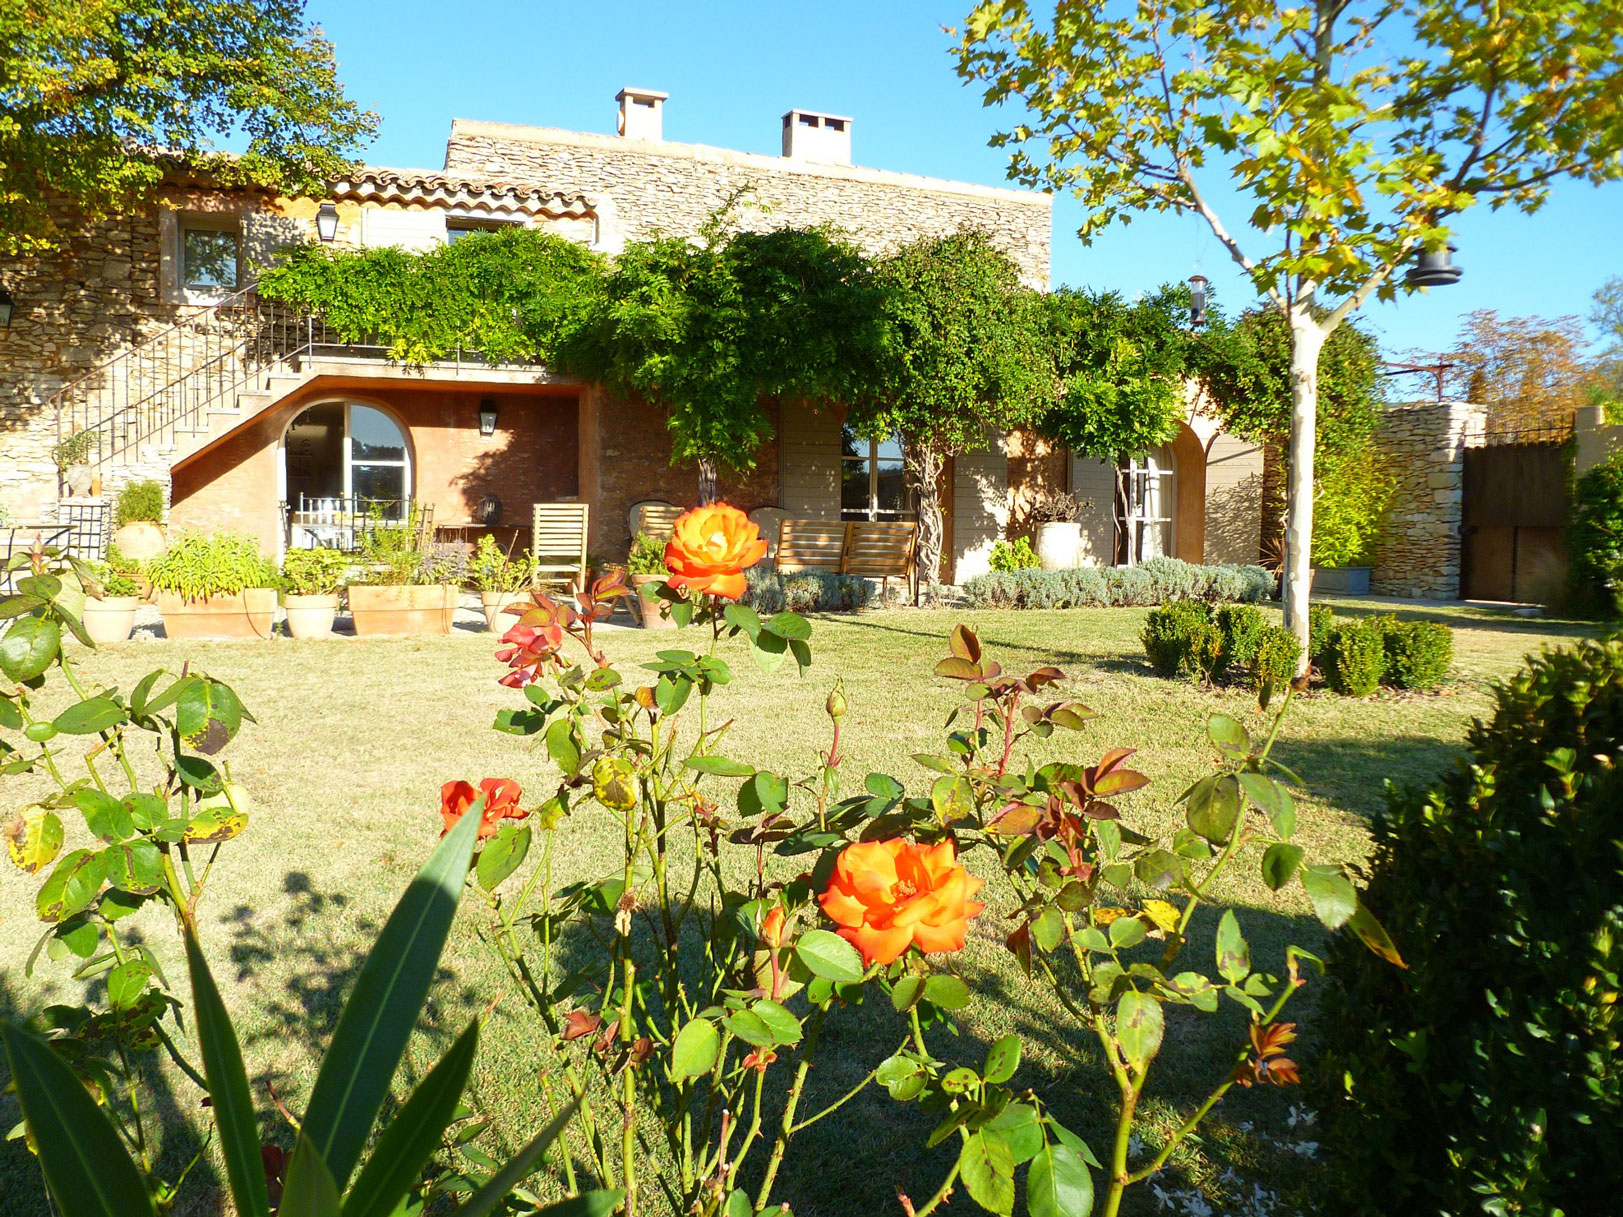 A vendre à Roussillon, charmant mas rénové avec goût et piscine